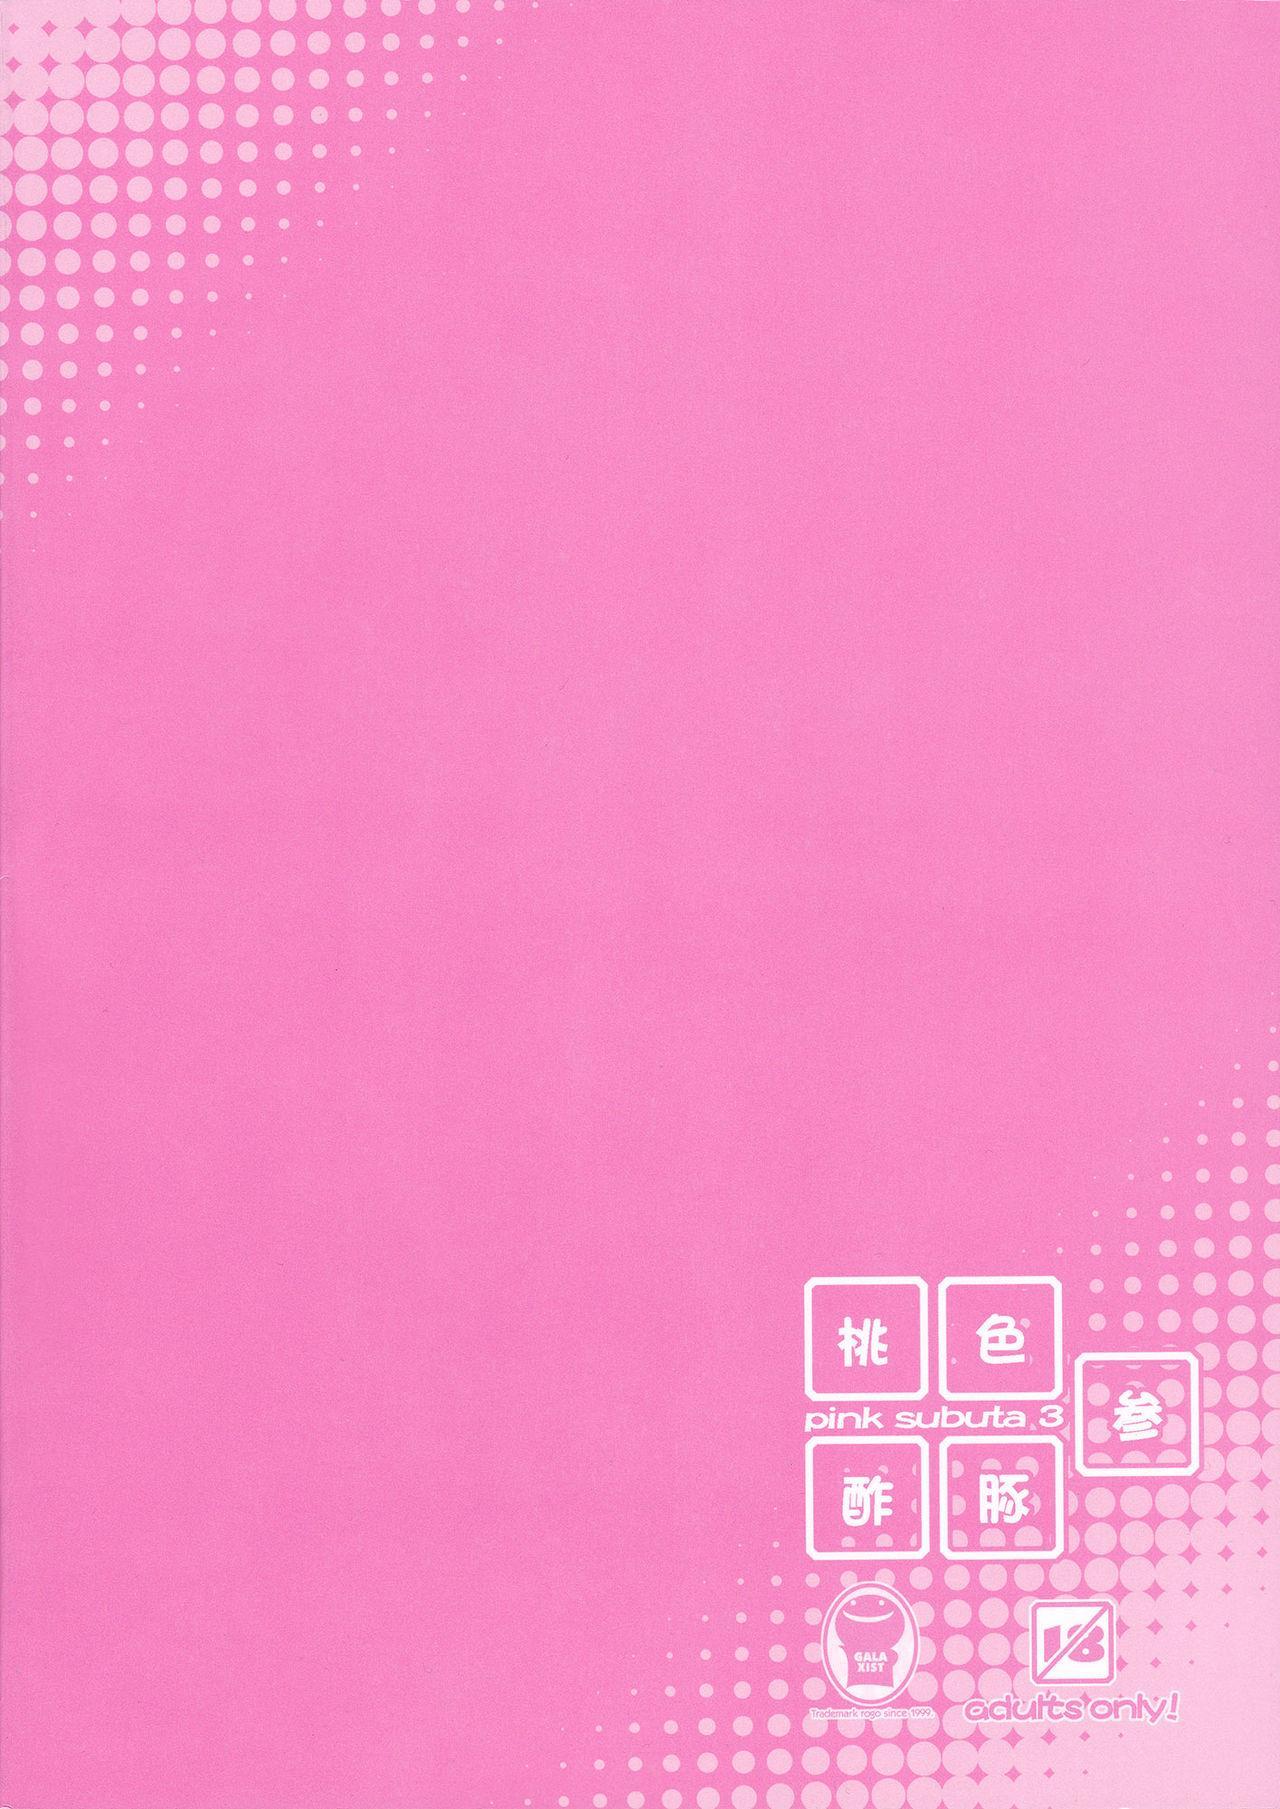 Pink Subuta 3 18